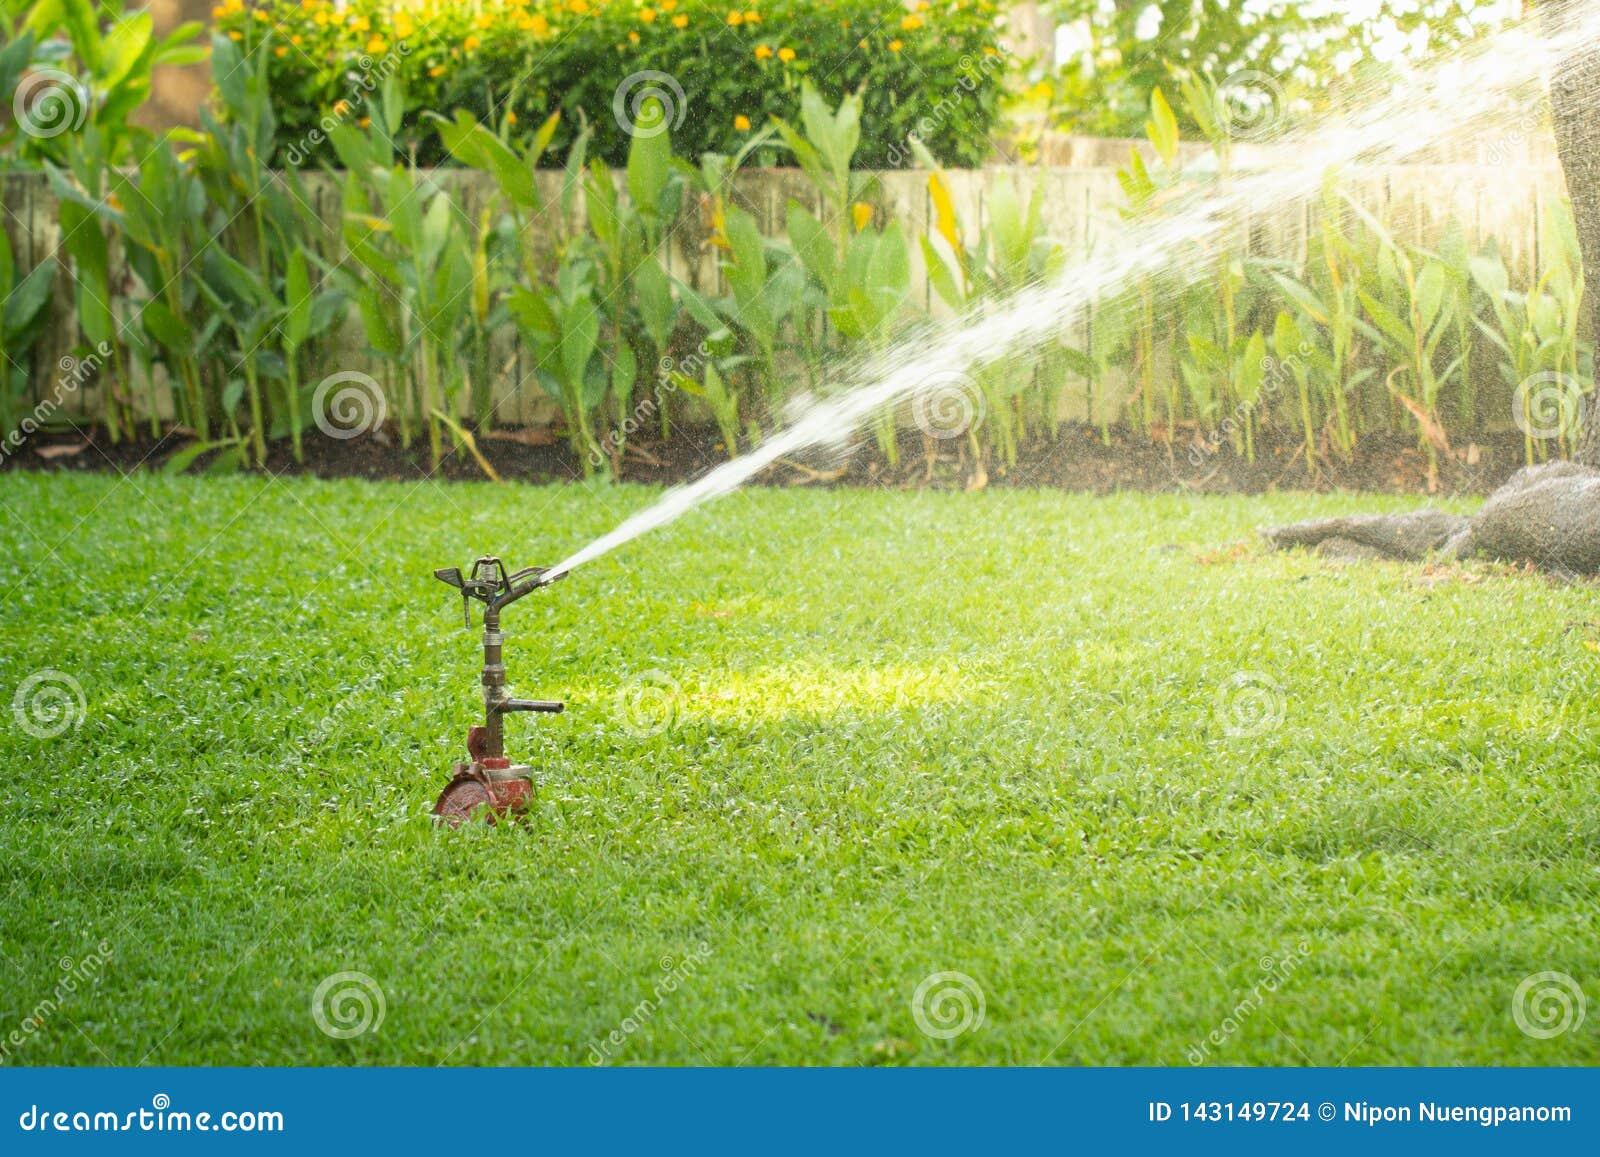 Spridare som bevattnar gräs i trädgård under solljus Gräsmattaspridare i handling